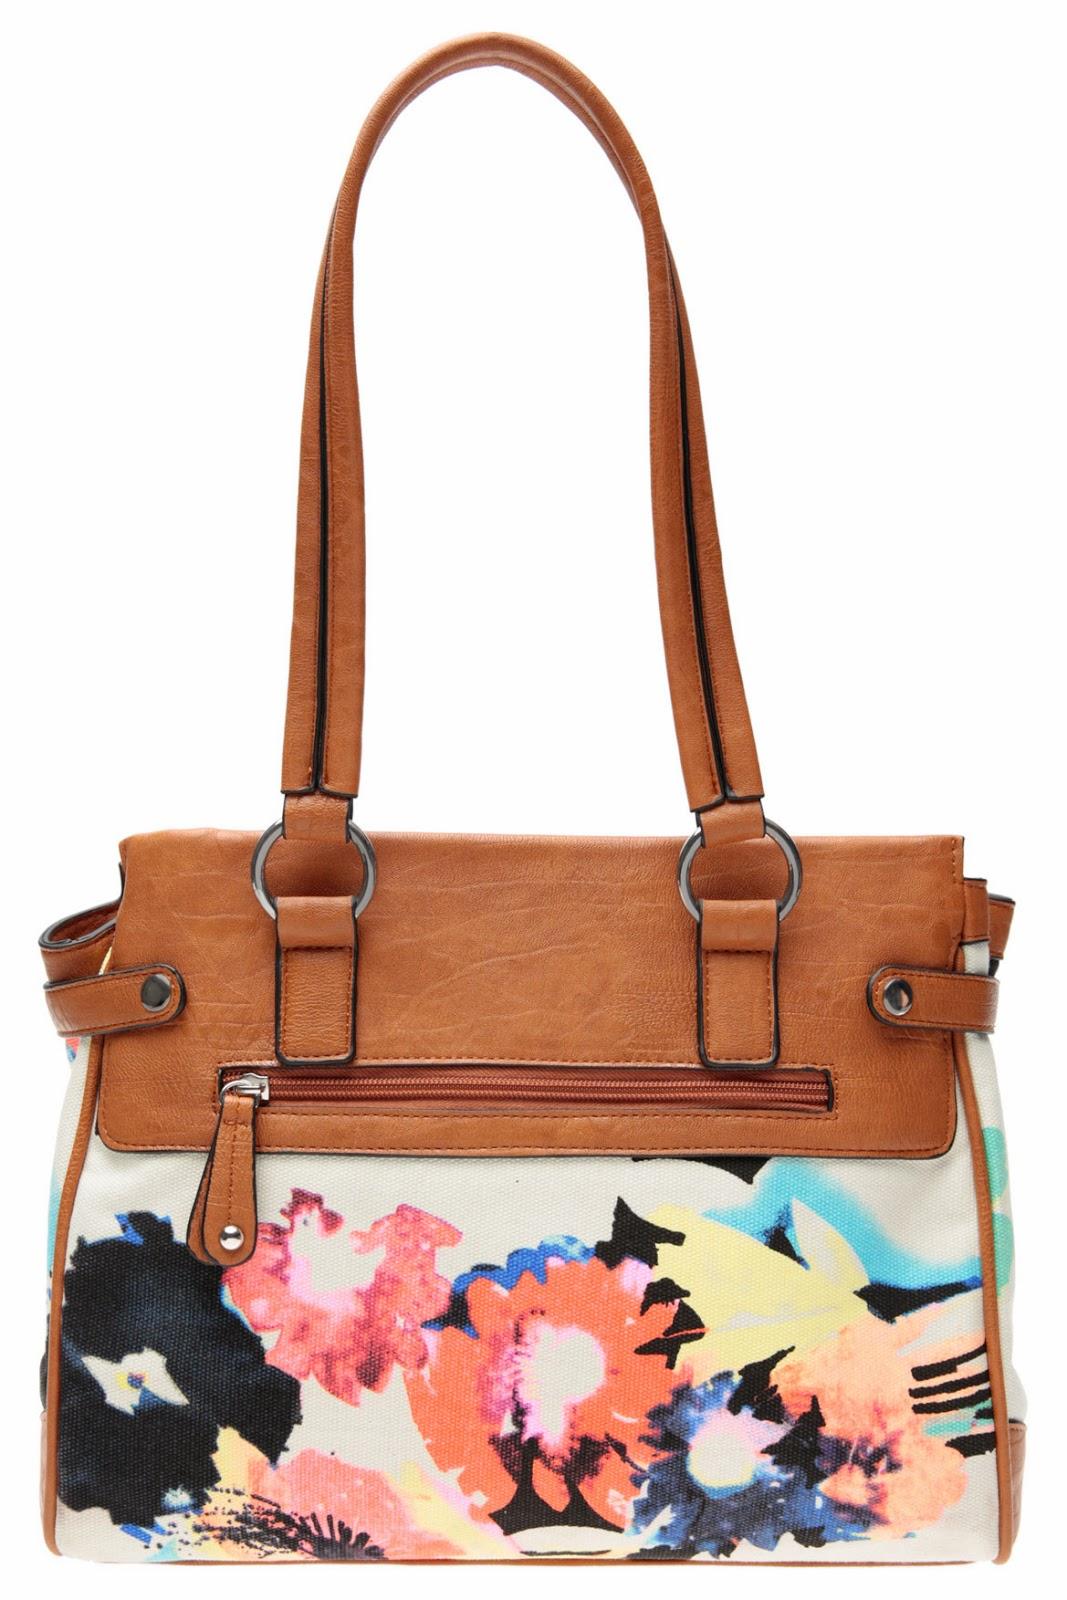 Cellini Sport Blossom Tote Bag